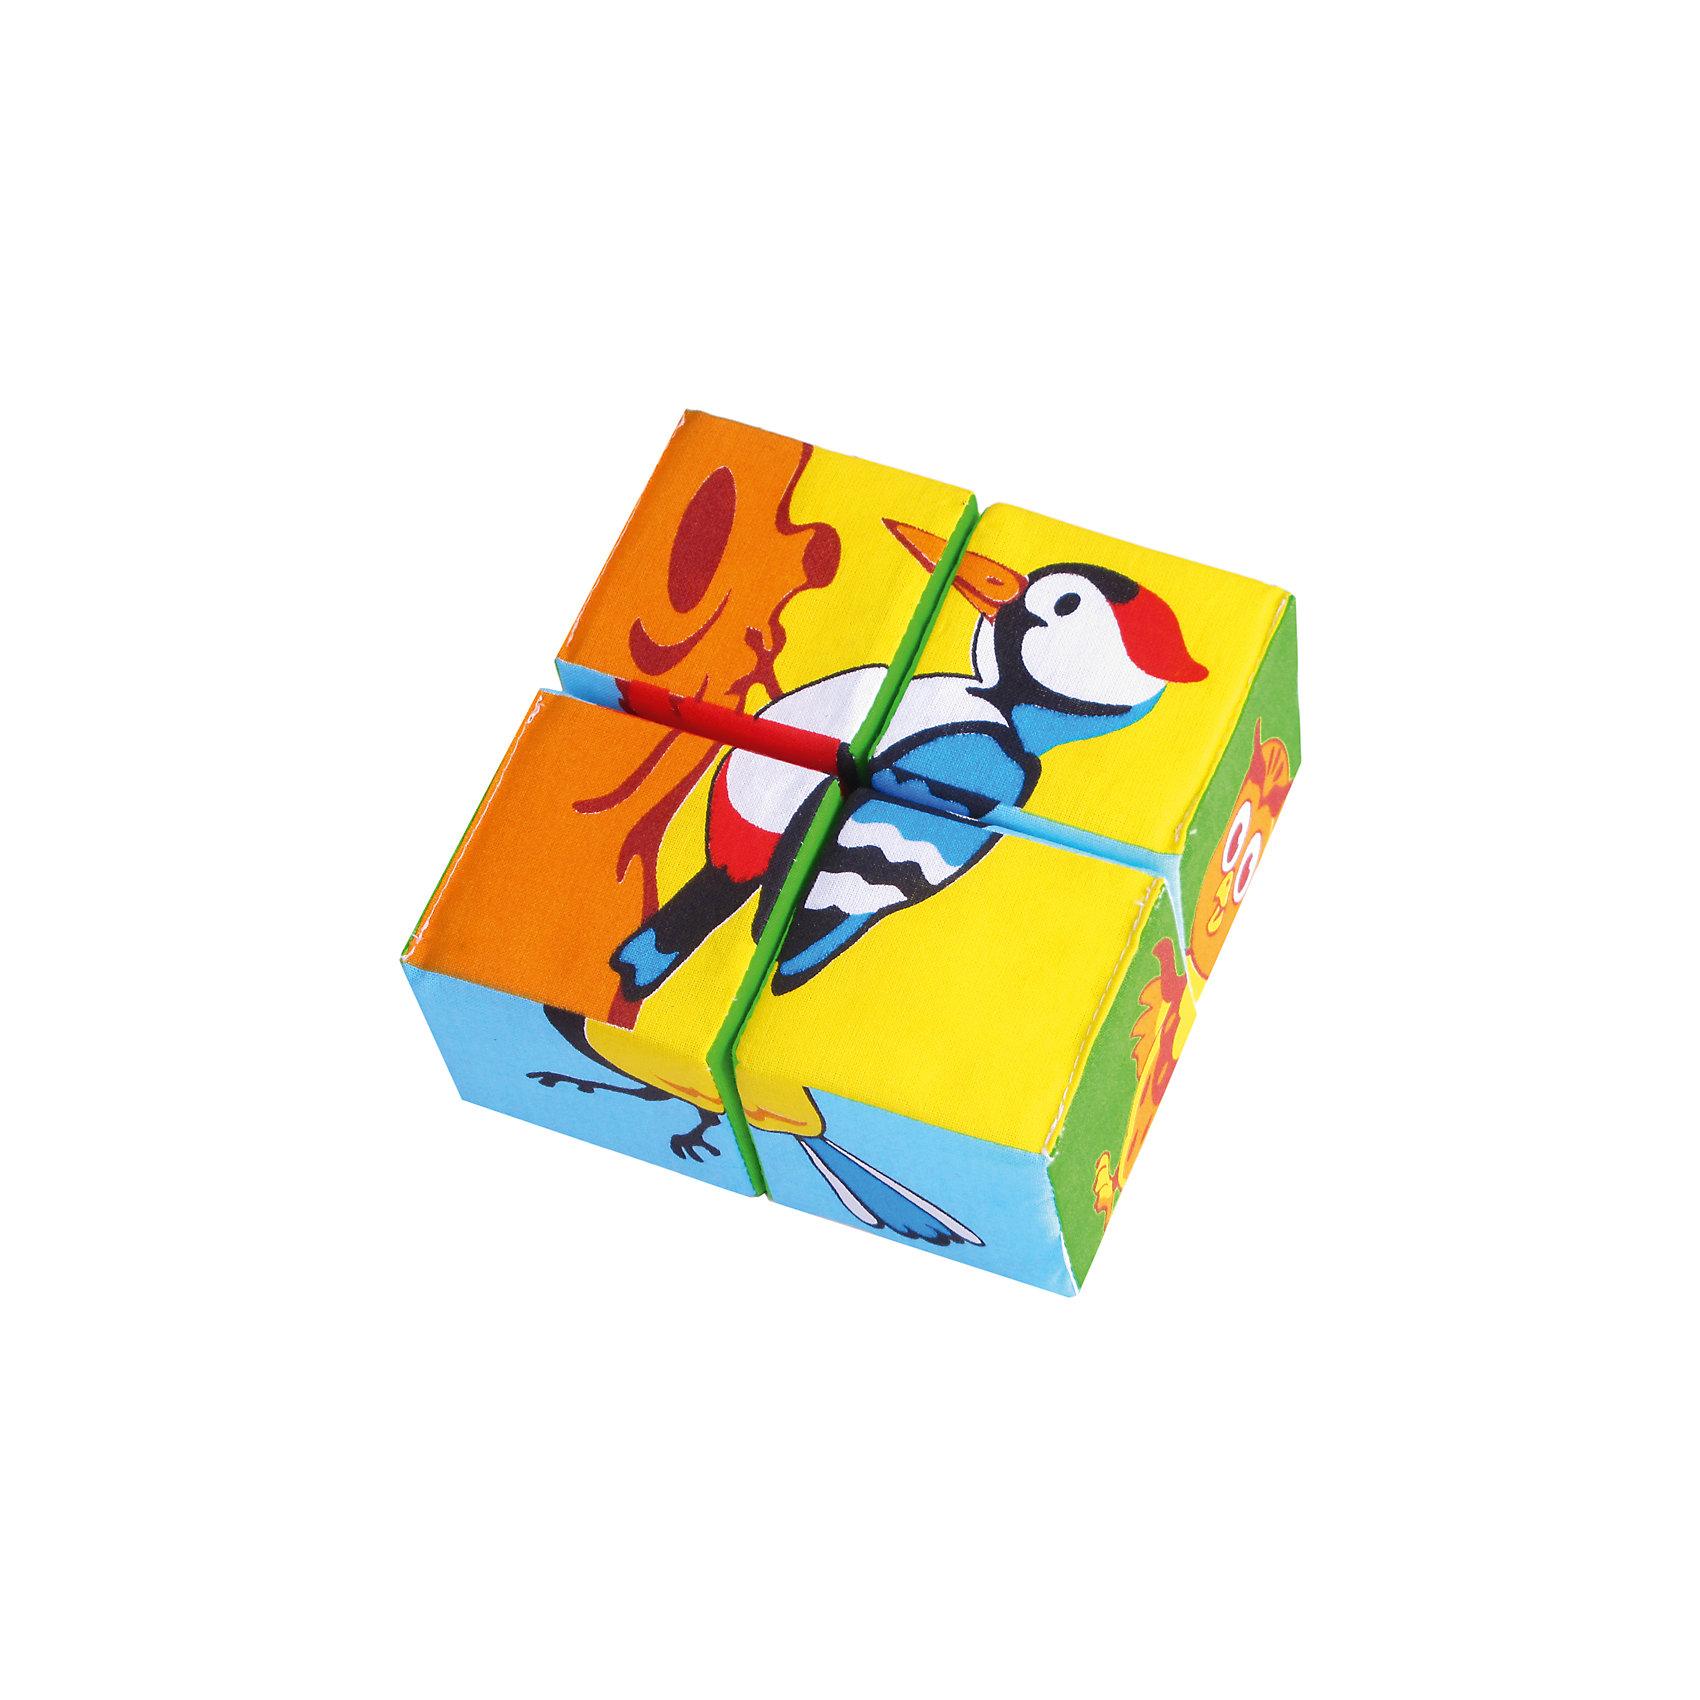 Кубики Собери картинку - птицы, МякишиХарактеристики товара:<br><br>• материал: хлопок, поролон<br>• комплектация: 4 шт<br>• размер игрушки: 6 см<br>• можно собрать шесть птиц<br>• развивающая игрушка<br>• упаковка: пакет<br>• страна бренда: РФ<br>• страна изготовитель: РФ<br><br>Малыши активно познают мир и тянутся к новой информации. Чтобы сделать процесс изучения окружающего пространства интереснее, ребенку можно подарить развивающие игрушки. В процессе игры информация усваивается намного лучше!<br>Такие кубики помогут занять малыша, играть ими приятно и весело. Одновременно они позволят познакомиться со многими цветами, фактурами, а также из них можно собрать шесть птиц. Такие игрушки развивают тактильные ощущения, моторику, цветовосприятие, логику, воображение, учат фокусировать внимание. Каждое изделие абсолютно безопасно – оно создано из качественной ткани с мягким наполнителем. Игрушки производятся из качественных и проверенных материалов, которые безопасны для детей.<br><br>Кубики Собери картинку - птицы от бренда Мякиши можно купить в нашем интернет-магазине.<br><br>Ширина мм: 120<br>Глубина мм: 60<br>Высота мм: 120<br>Вес г: 80<br>Возраст от месяцев: 12<br>Возраст до месяцев: 36<br>Пол: Унисекс<br>Возраст: Детский<br>SKU: 5183192